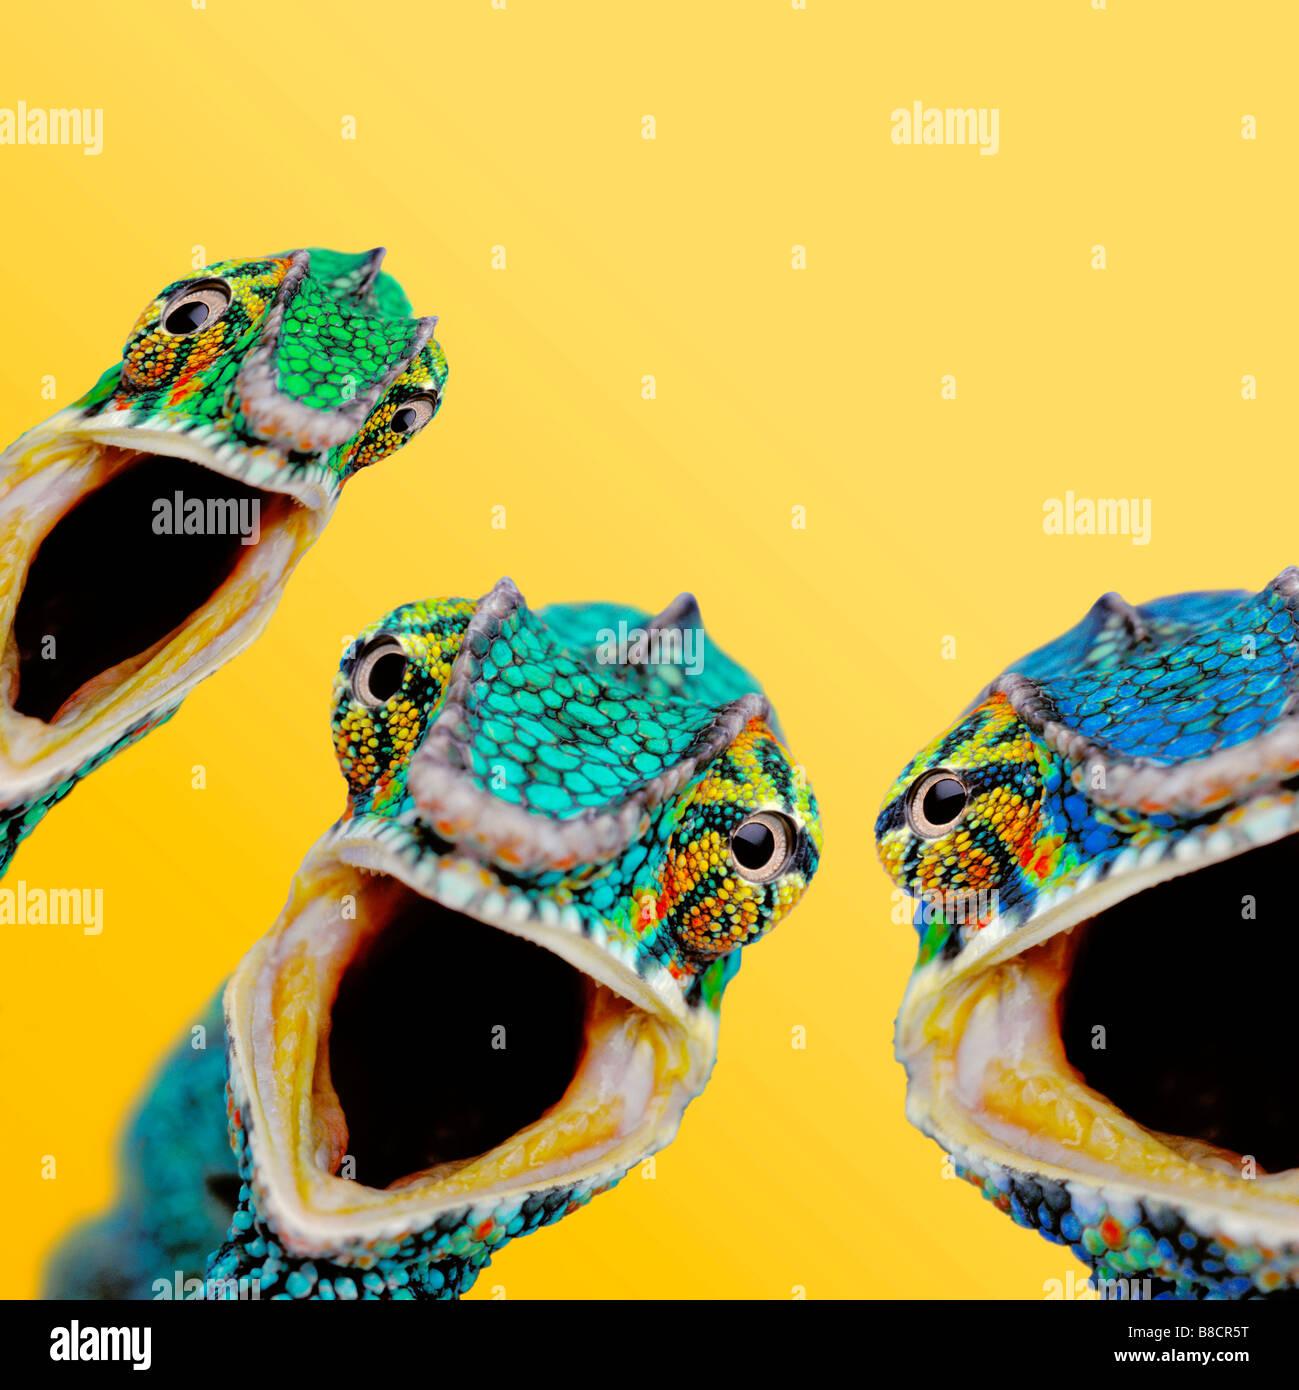 FL6516, Kitchin/Hurst; tre sorpreso camaleonti, sfondo giallo Immagini Stock